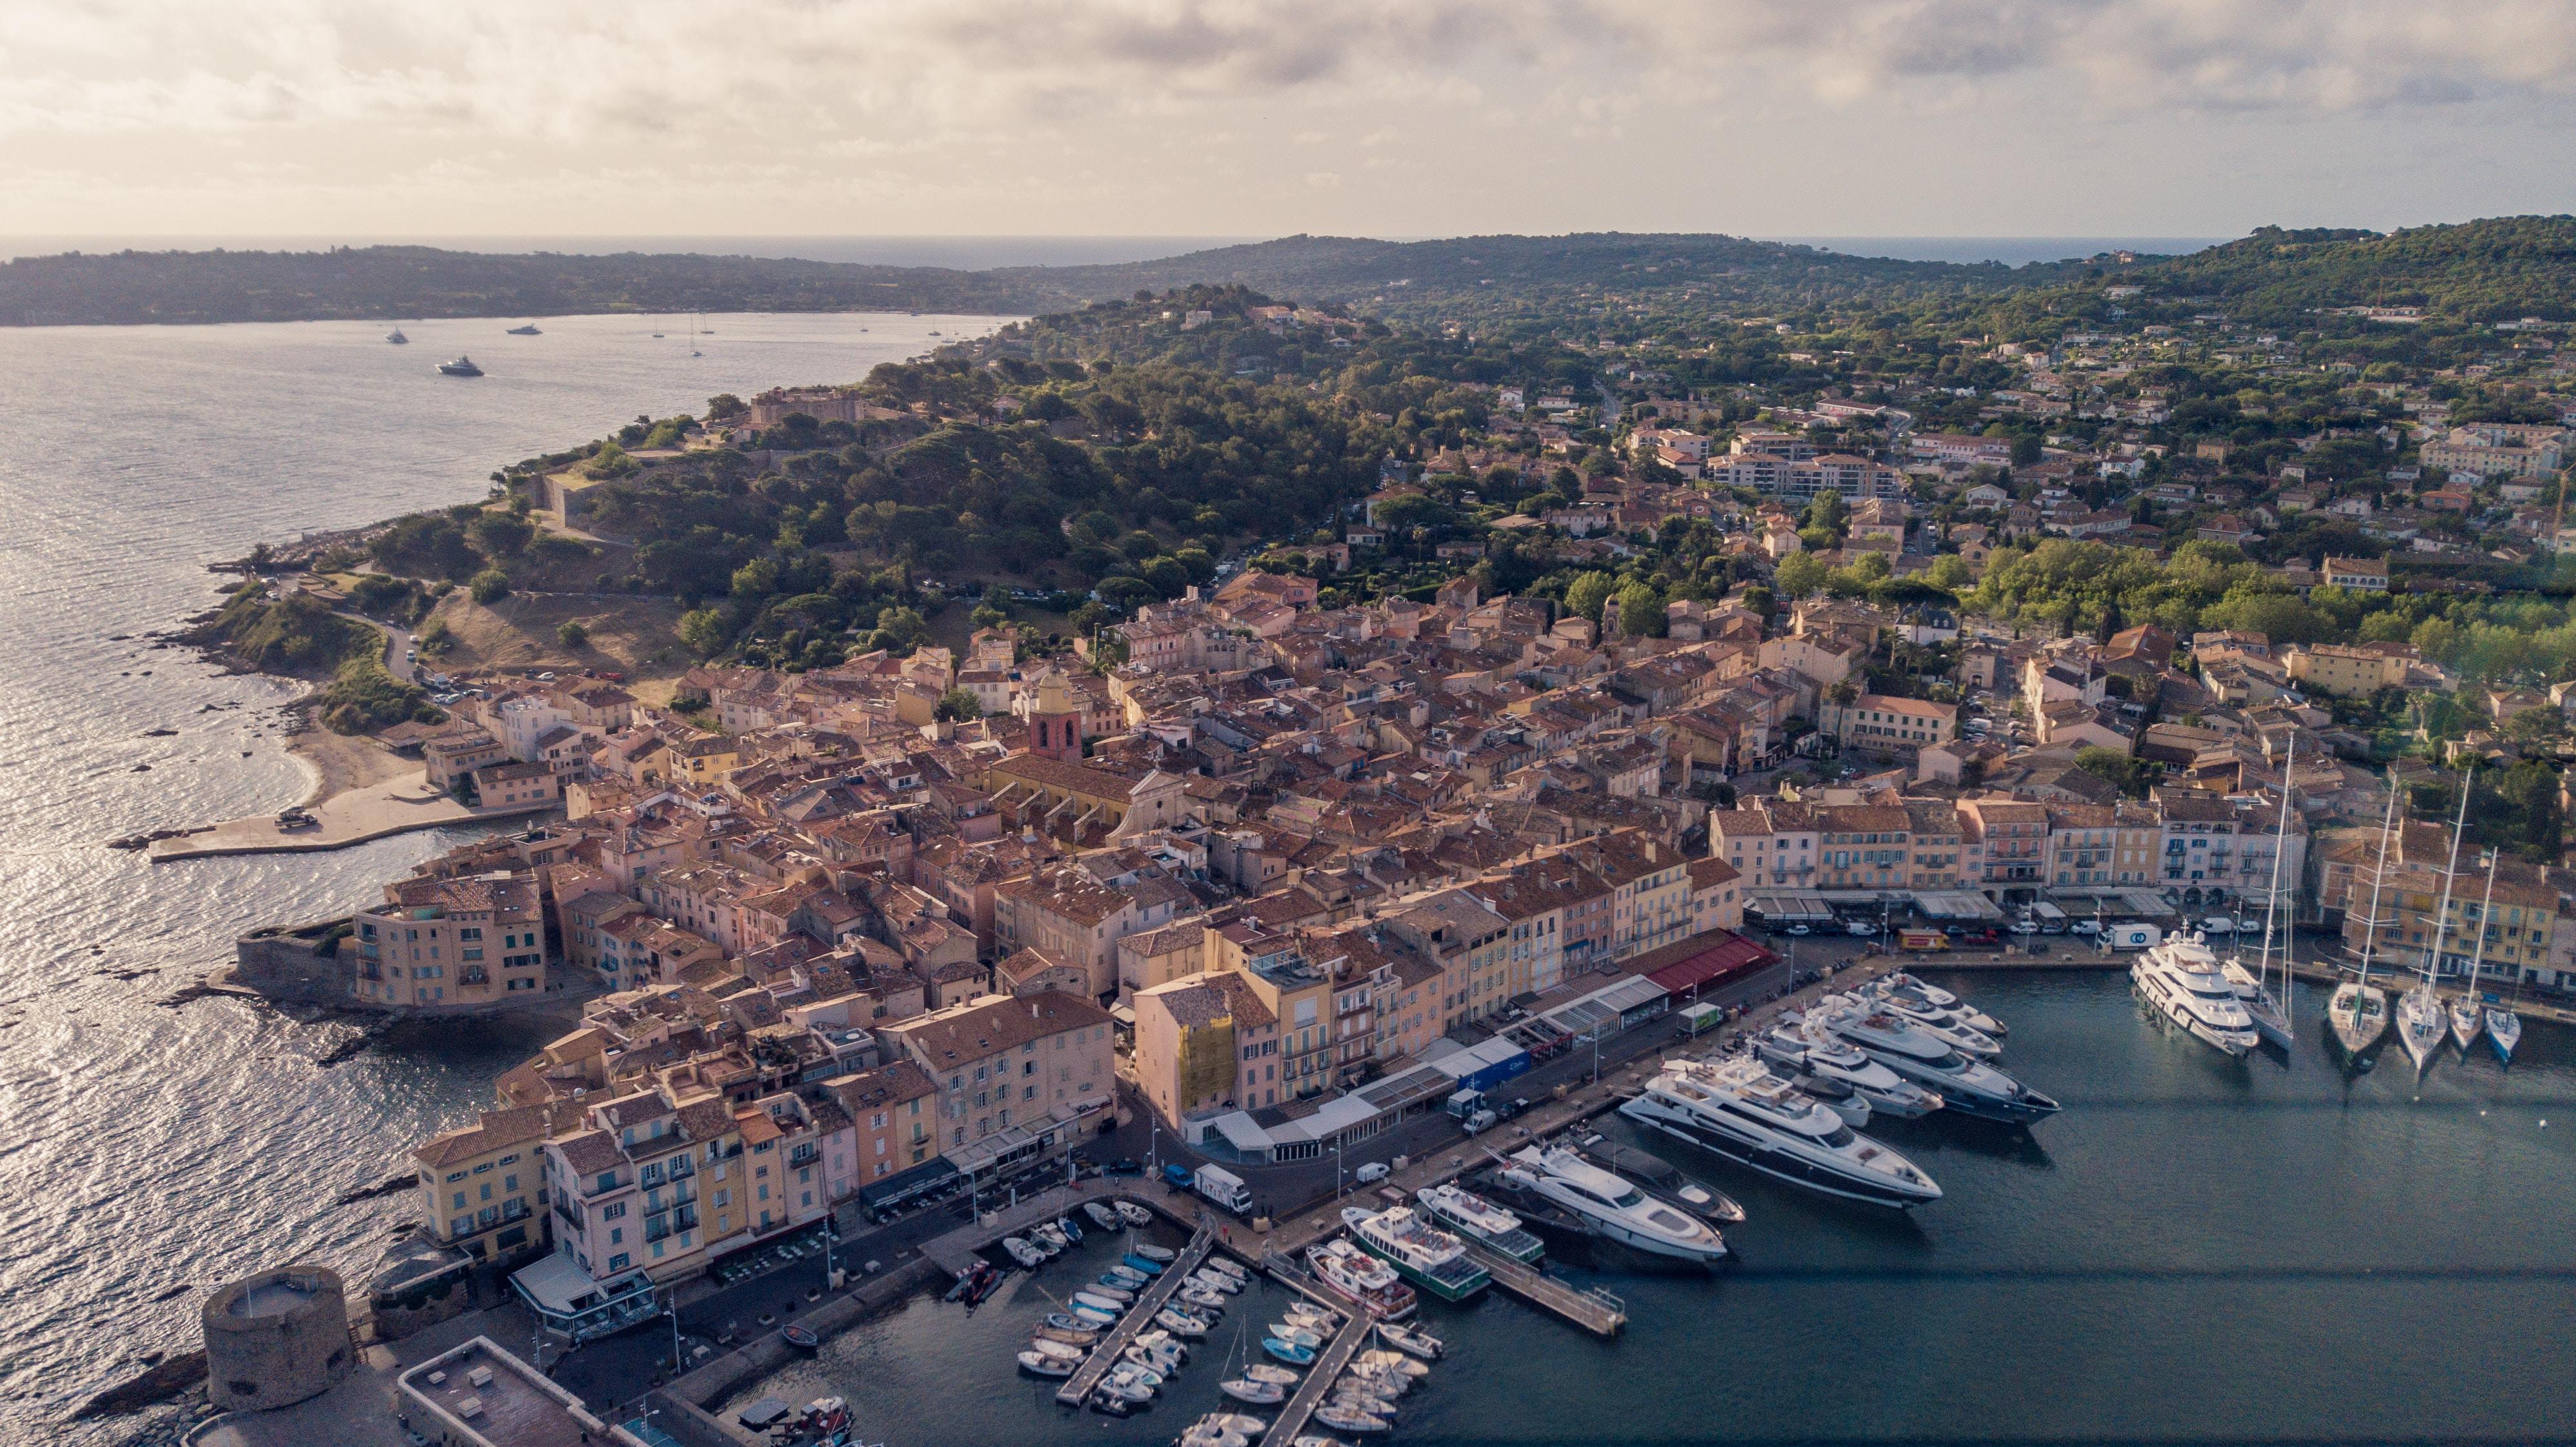 Saint-Tropez, Var, Provence-Alpes-Côte d'Azur, France [Image]